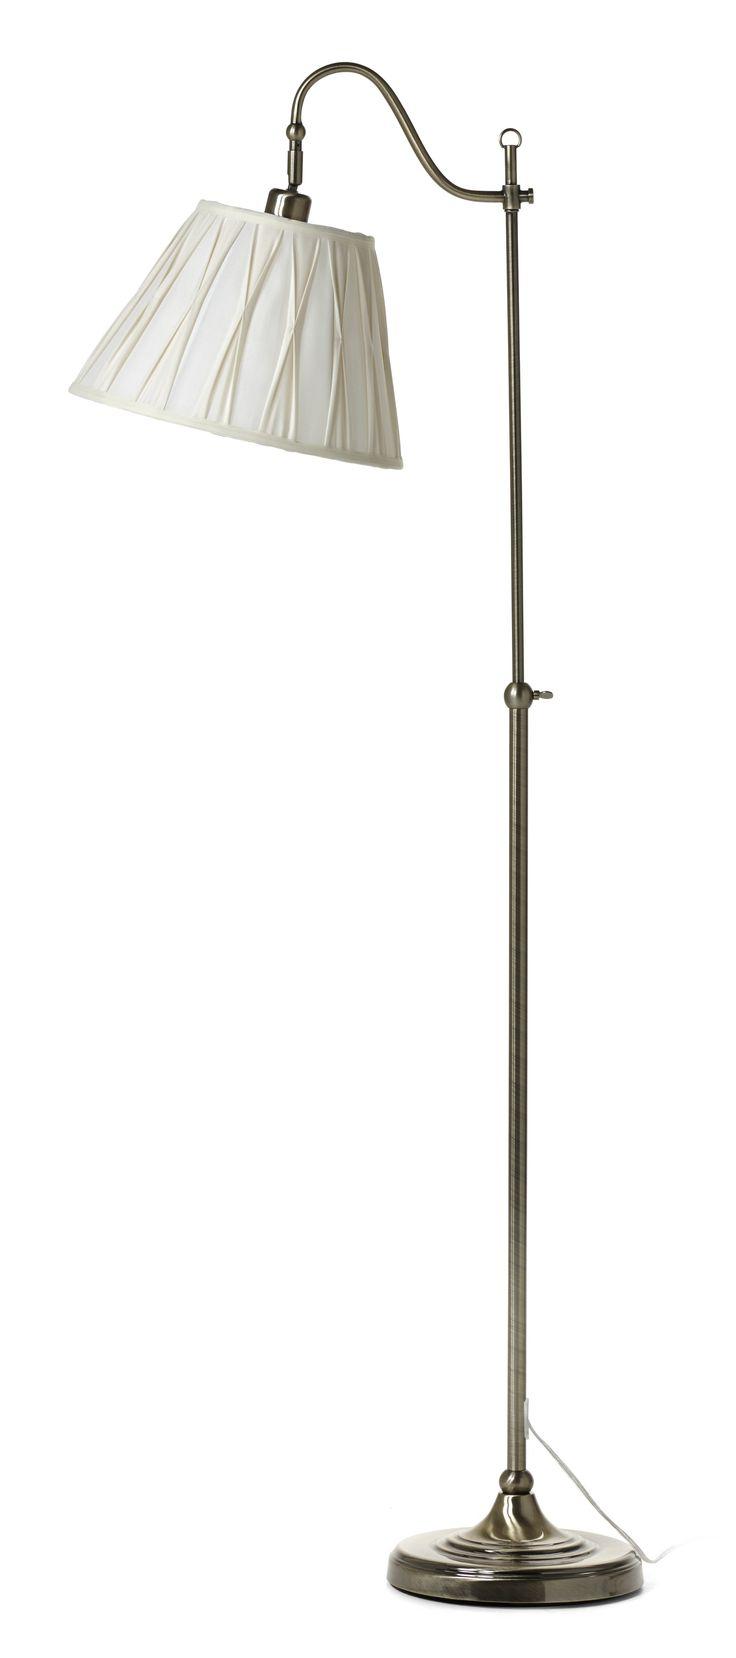 Klassisk golvlampa med textilskärm. Lampfoten är höj- och sänkbar för att passa många ställen och tillfällen. Komplettera med ljuskälla. Ingår i en serie.